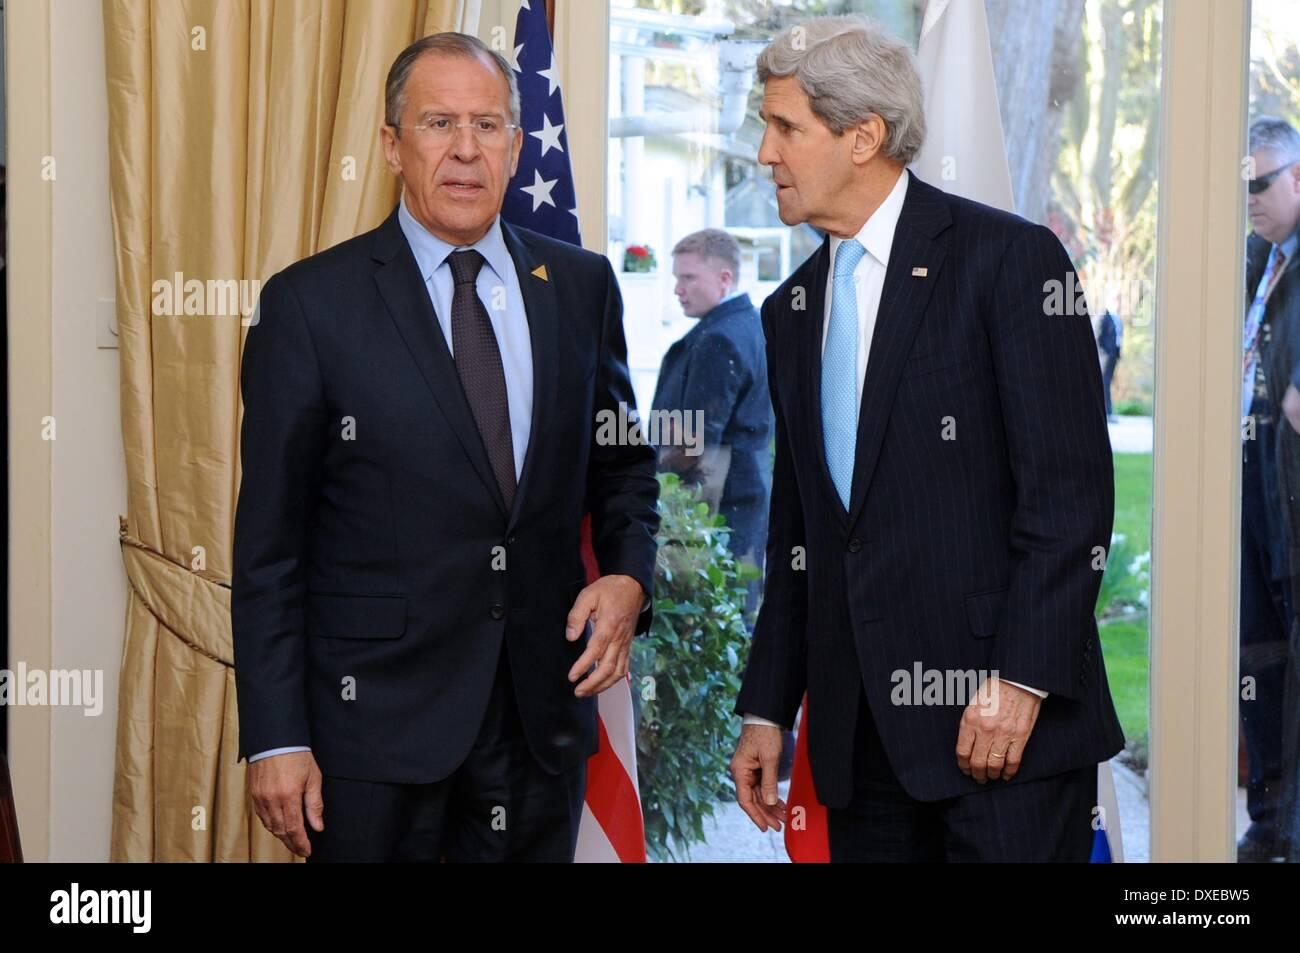 Il Segretario di Stato americano John Kerry si erge con il Ministro degli Esteri russo Sergey Lavrov prima di una riunione durante la sicurezza nucleare Summit 24 marzo 2014 all'Aia, Paesi Bassi. Immagini Stock